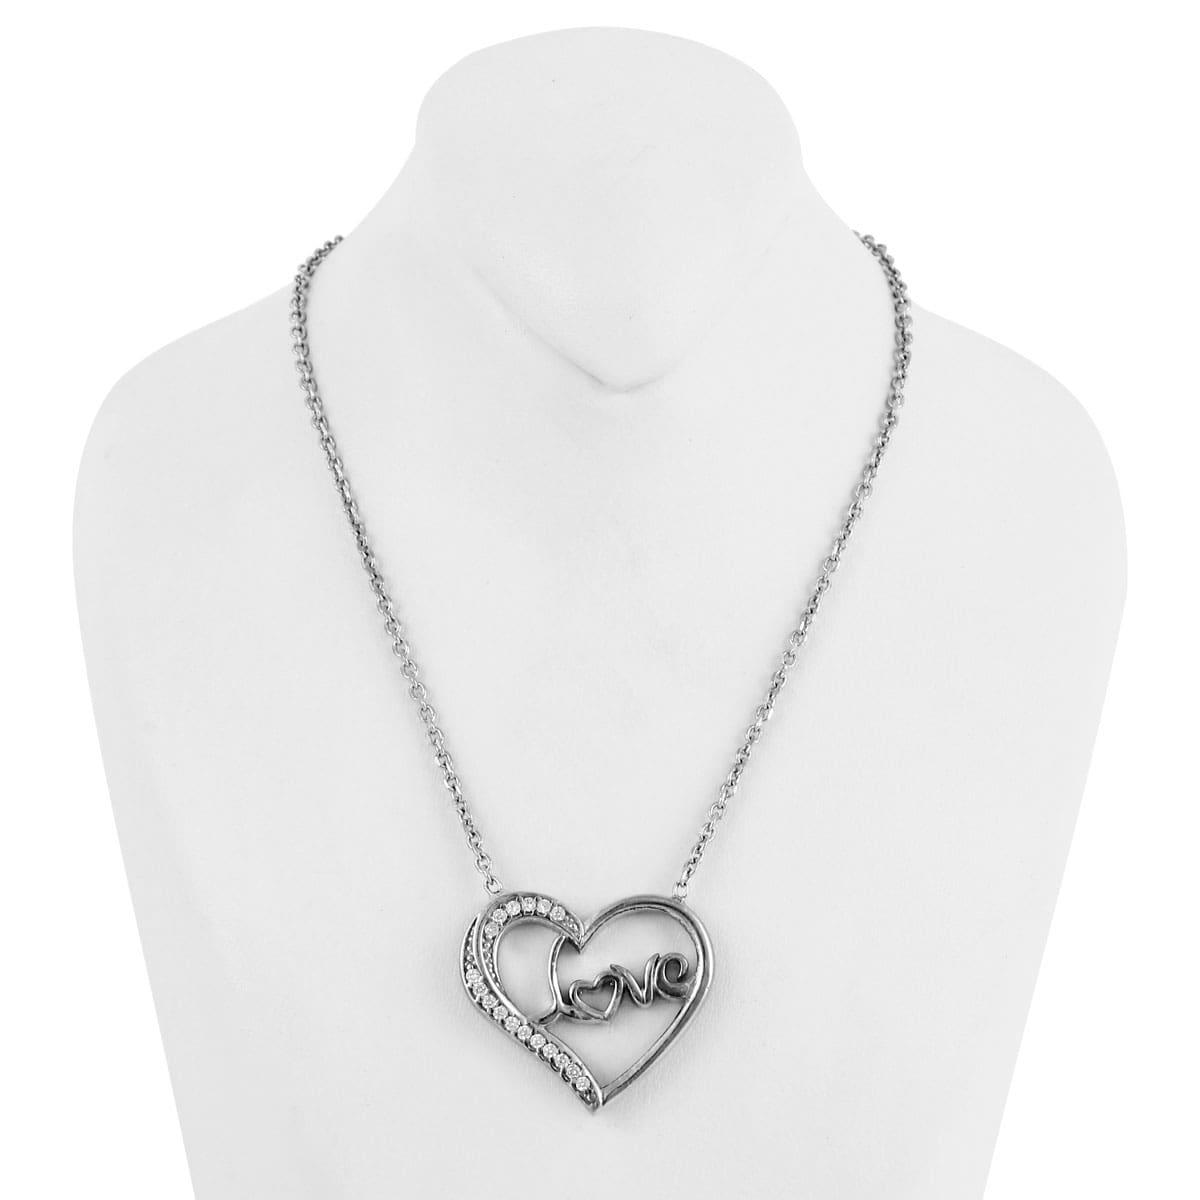 خرید گردنبند نقره زنانه مدل عشق و قلب